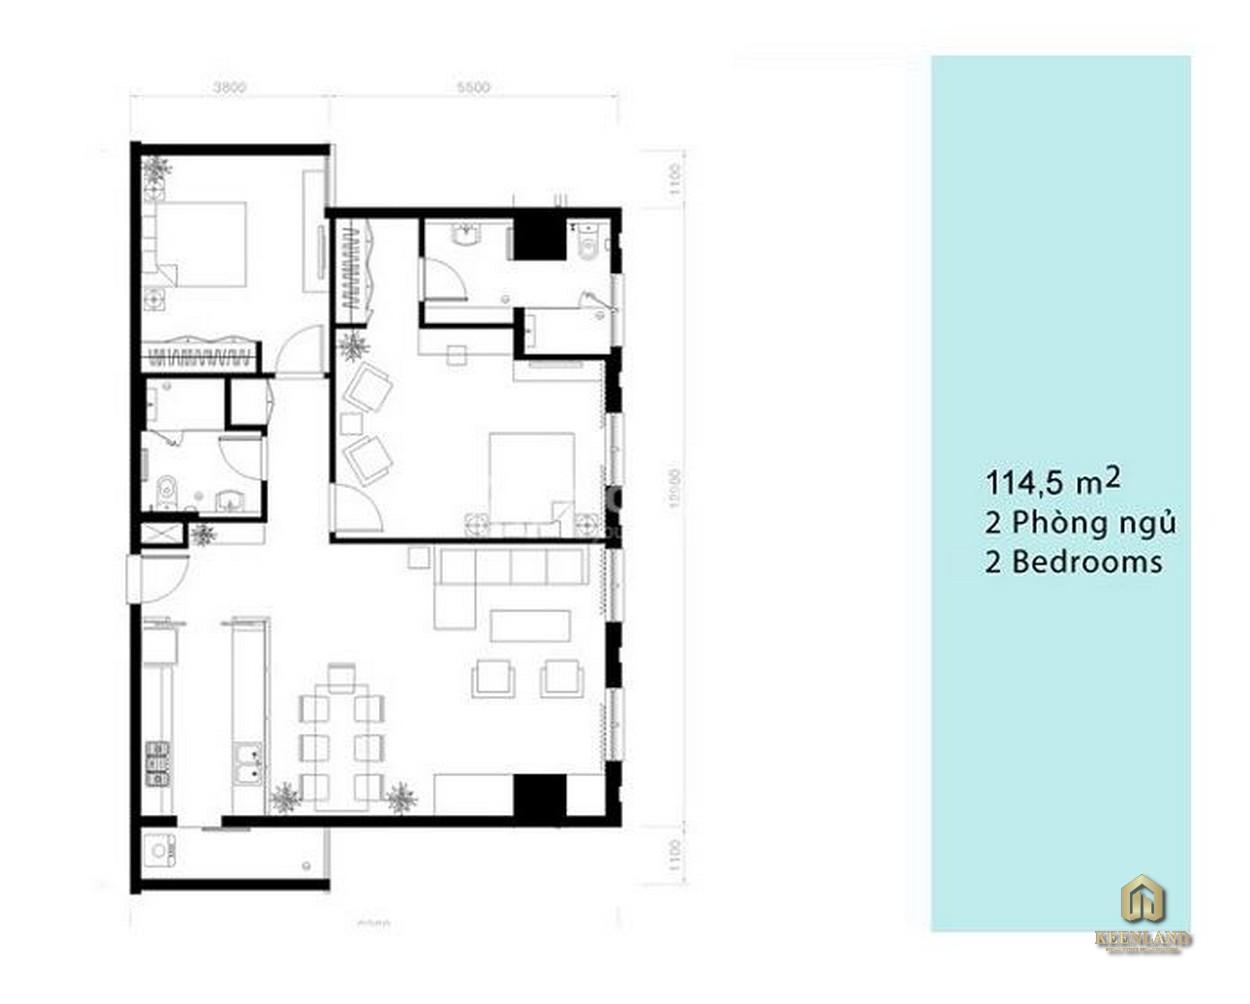 Mặt bằng căn hộ 2 phòng ngủ An Phú Plaza Quận 3